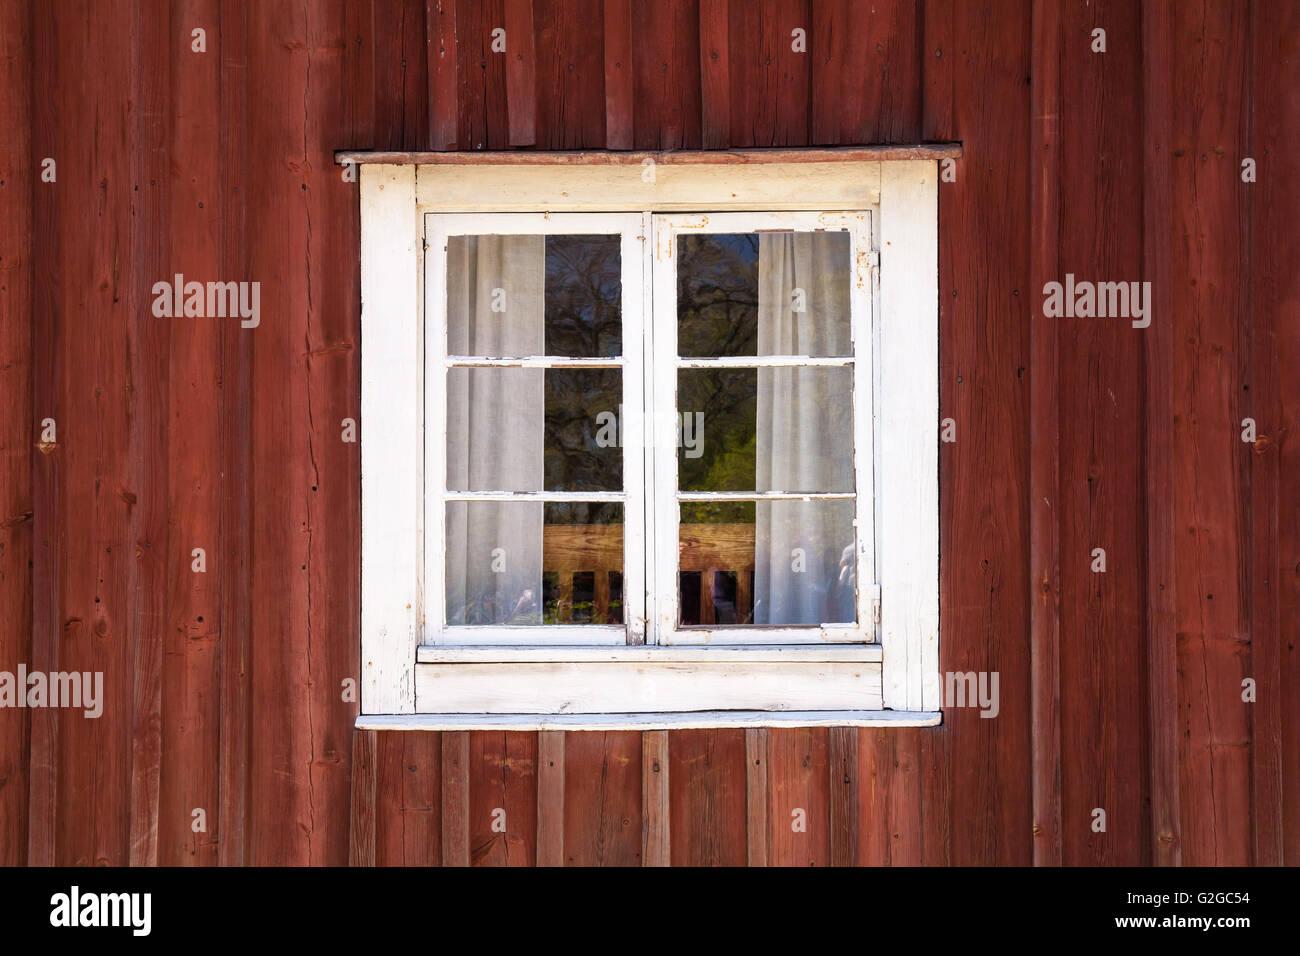 Vieux Mur En Bois Rouge Foncé Avec Fenêtre Dans Cadre Blanc